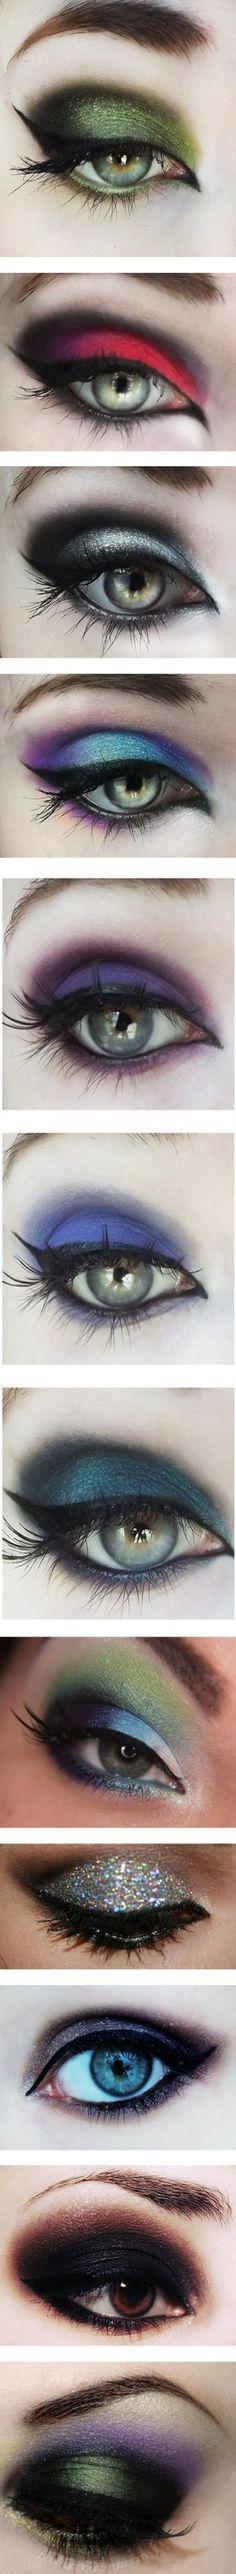 """""""Eye Makeup ~^u^~"""" by cky96 ❤️ liked on Polyvore"""